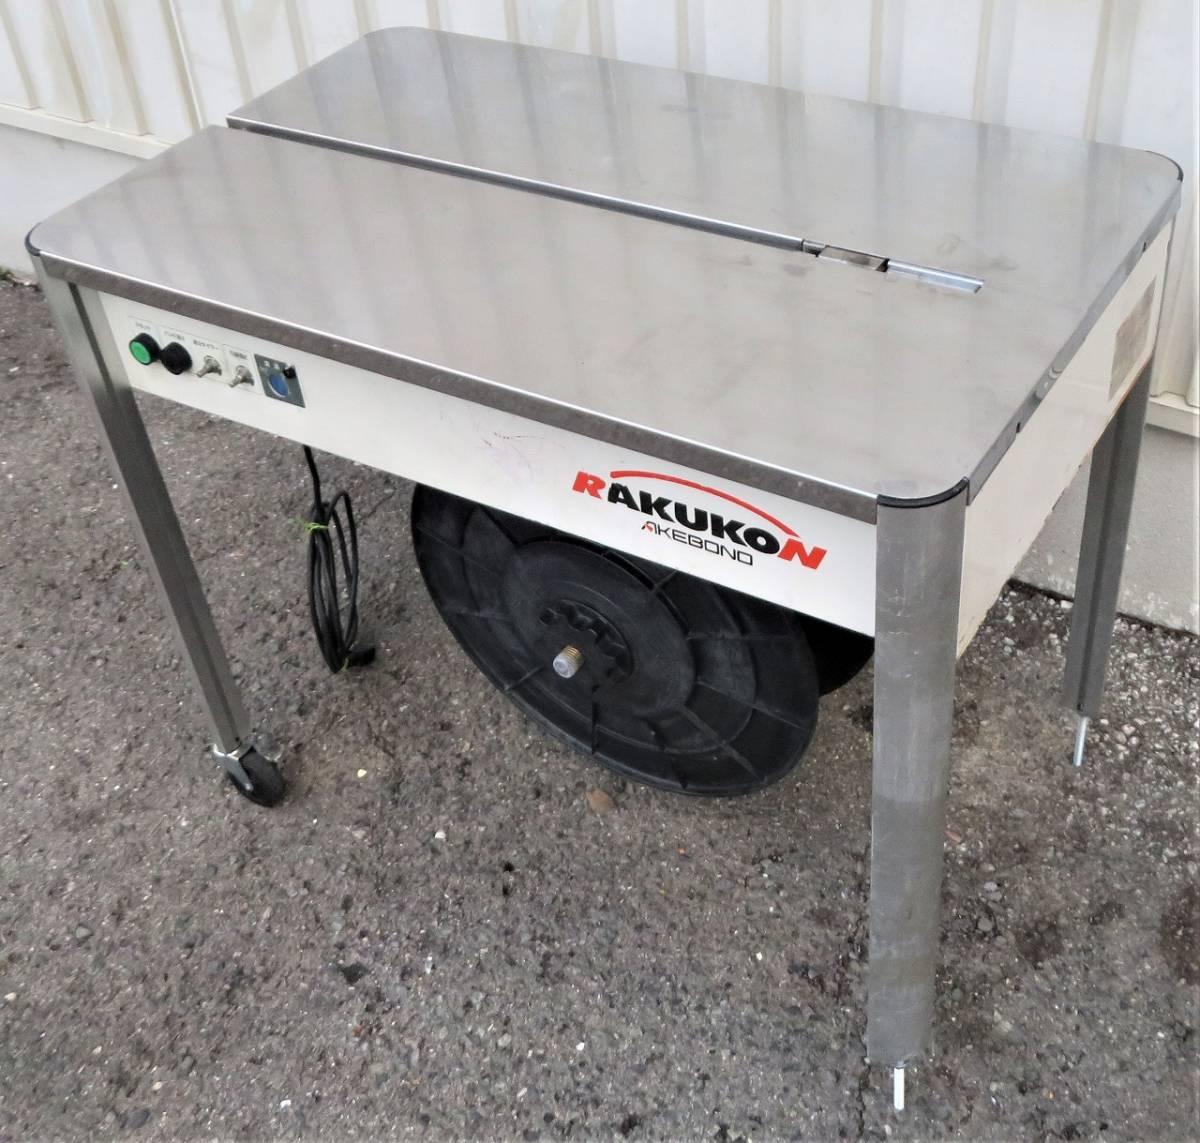 ニチロ工業《半自動梱包機 》RAN-105 RAKUKON/ラクコン_画像1